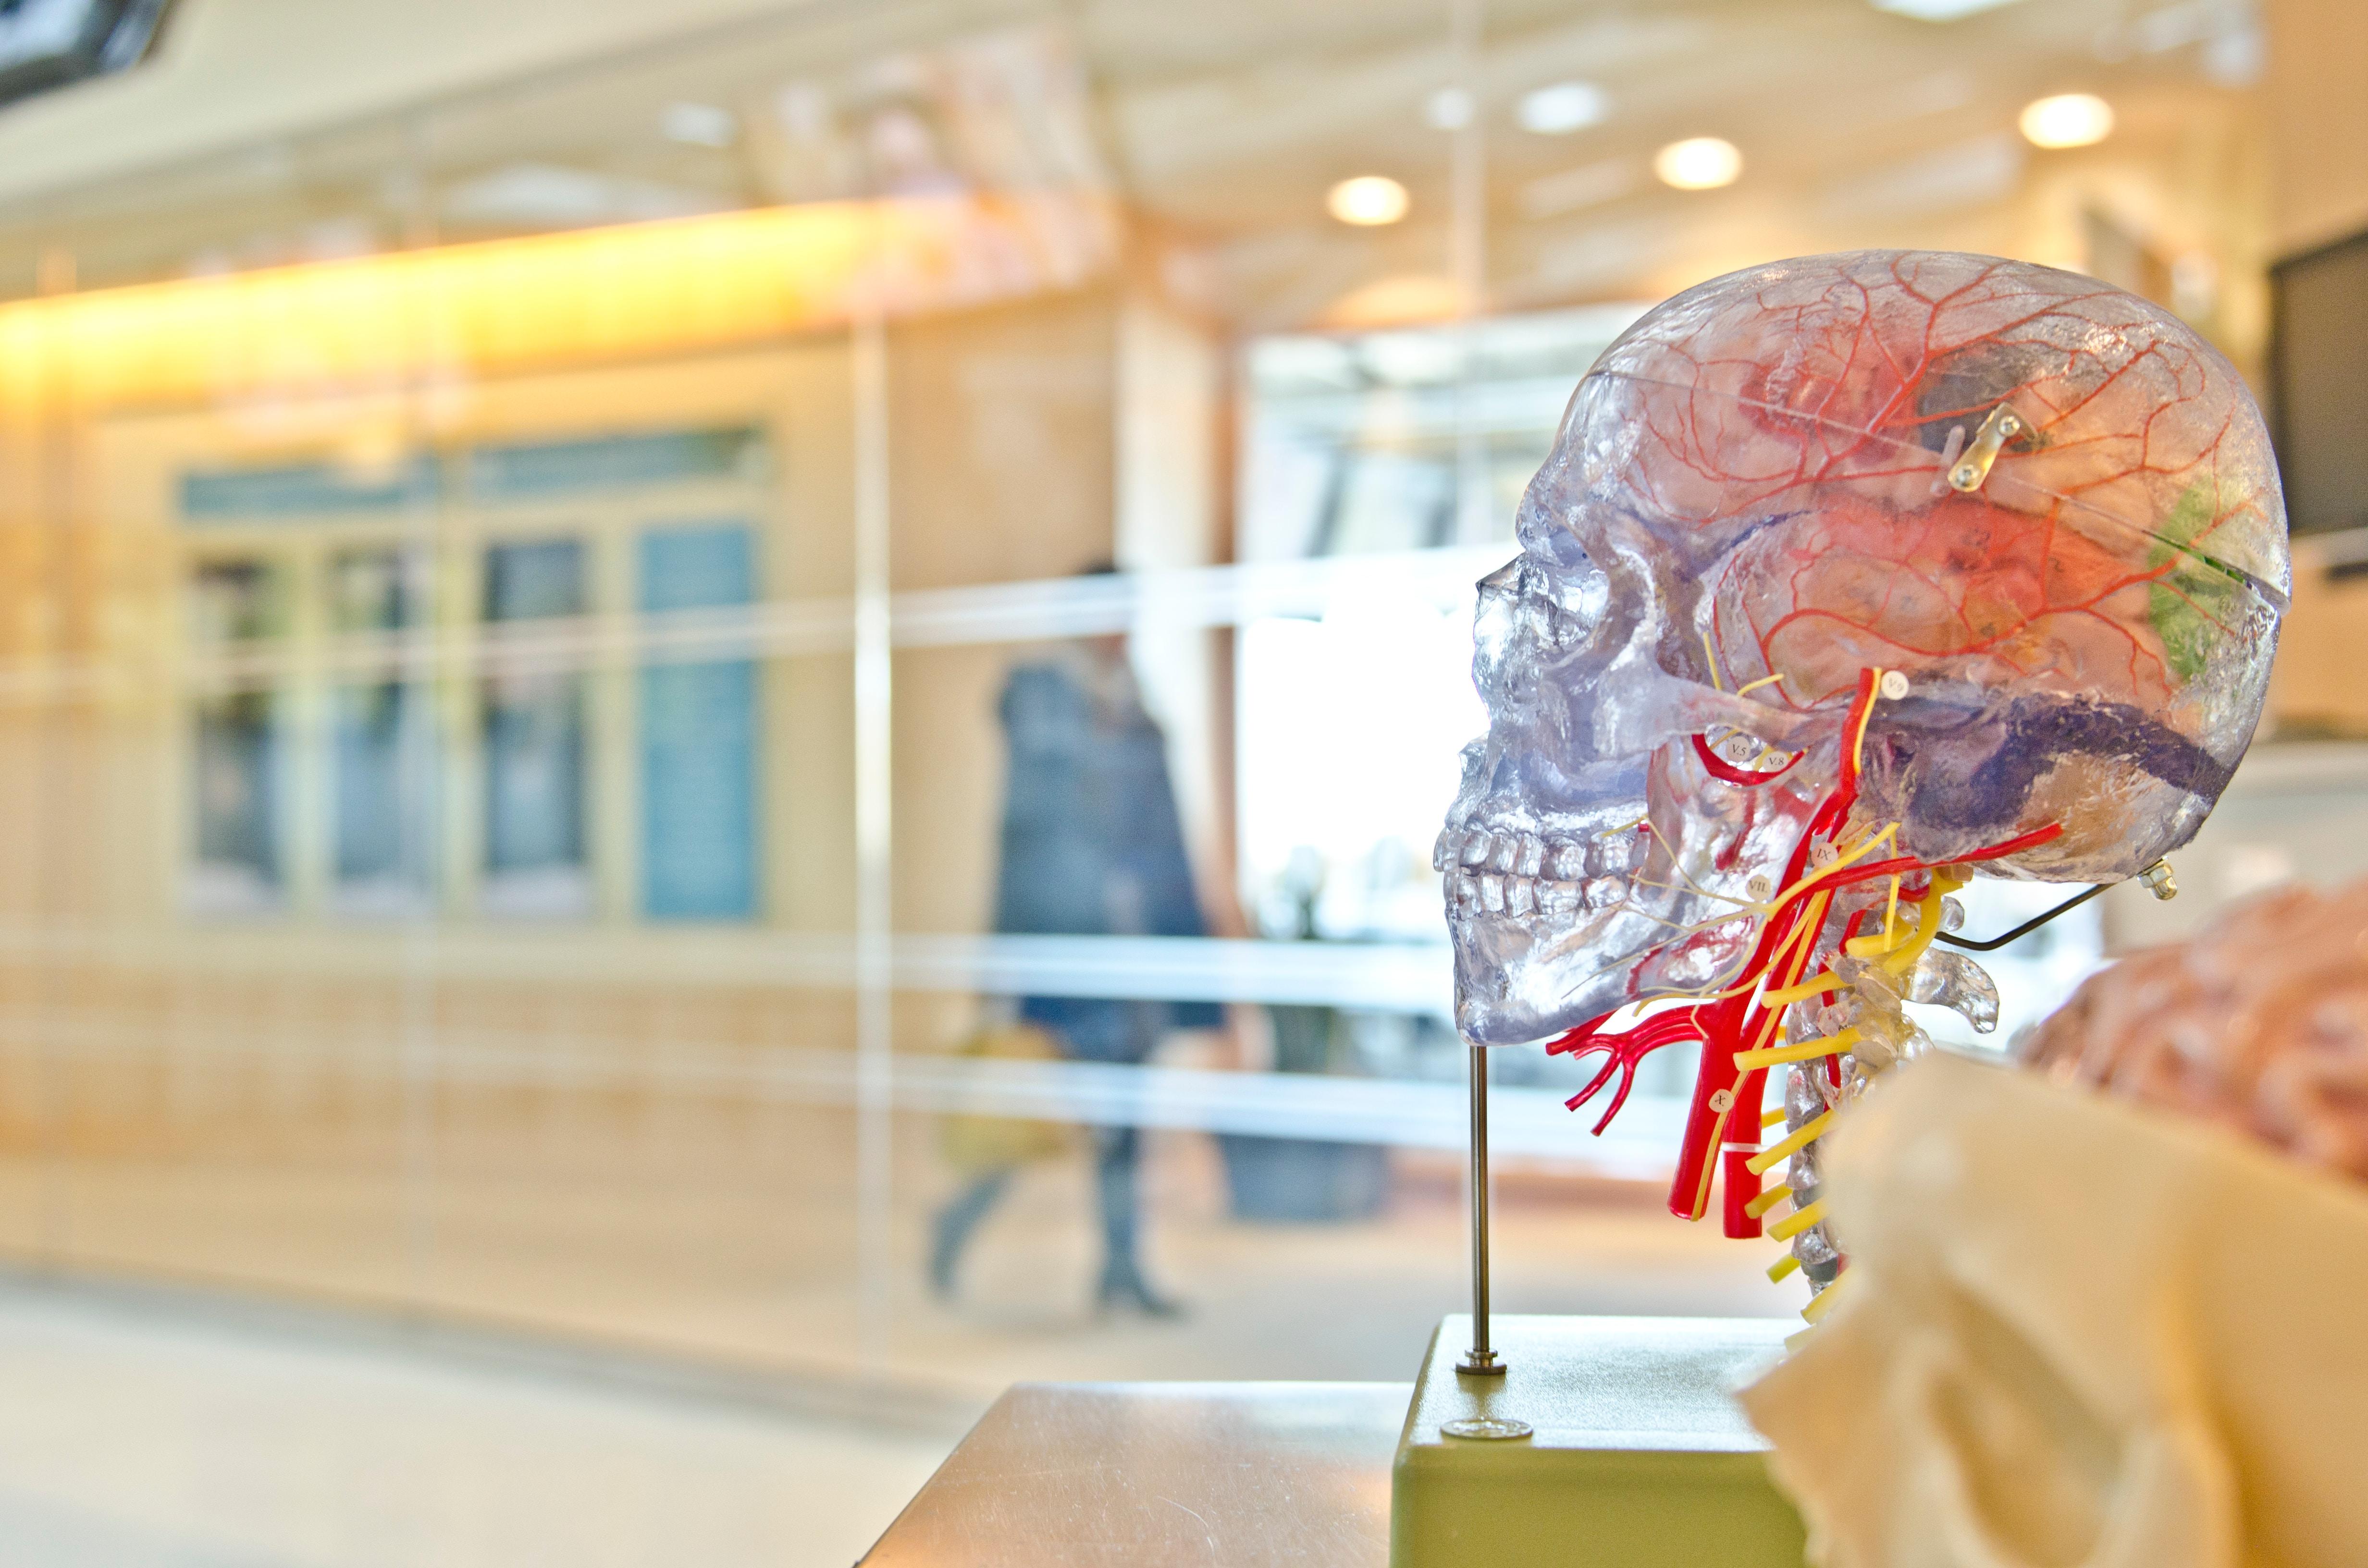 Les soins chiropratiques améliorent la fonction du cerveau - Précision Chiropratique